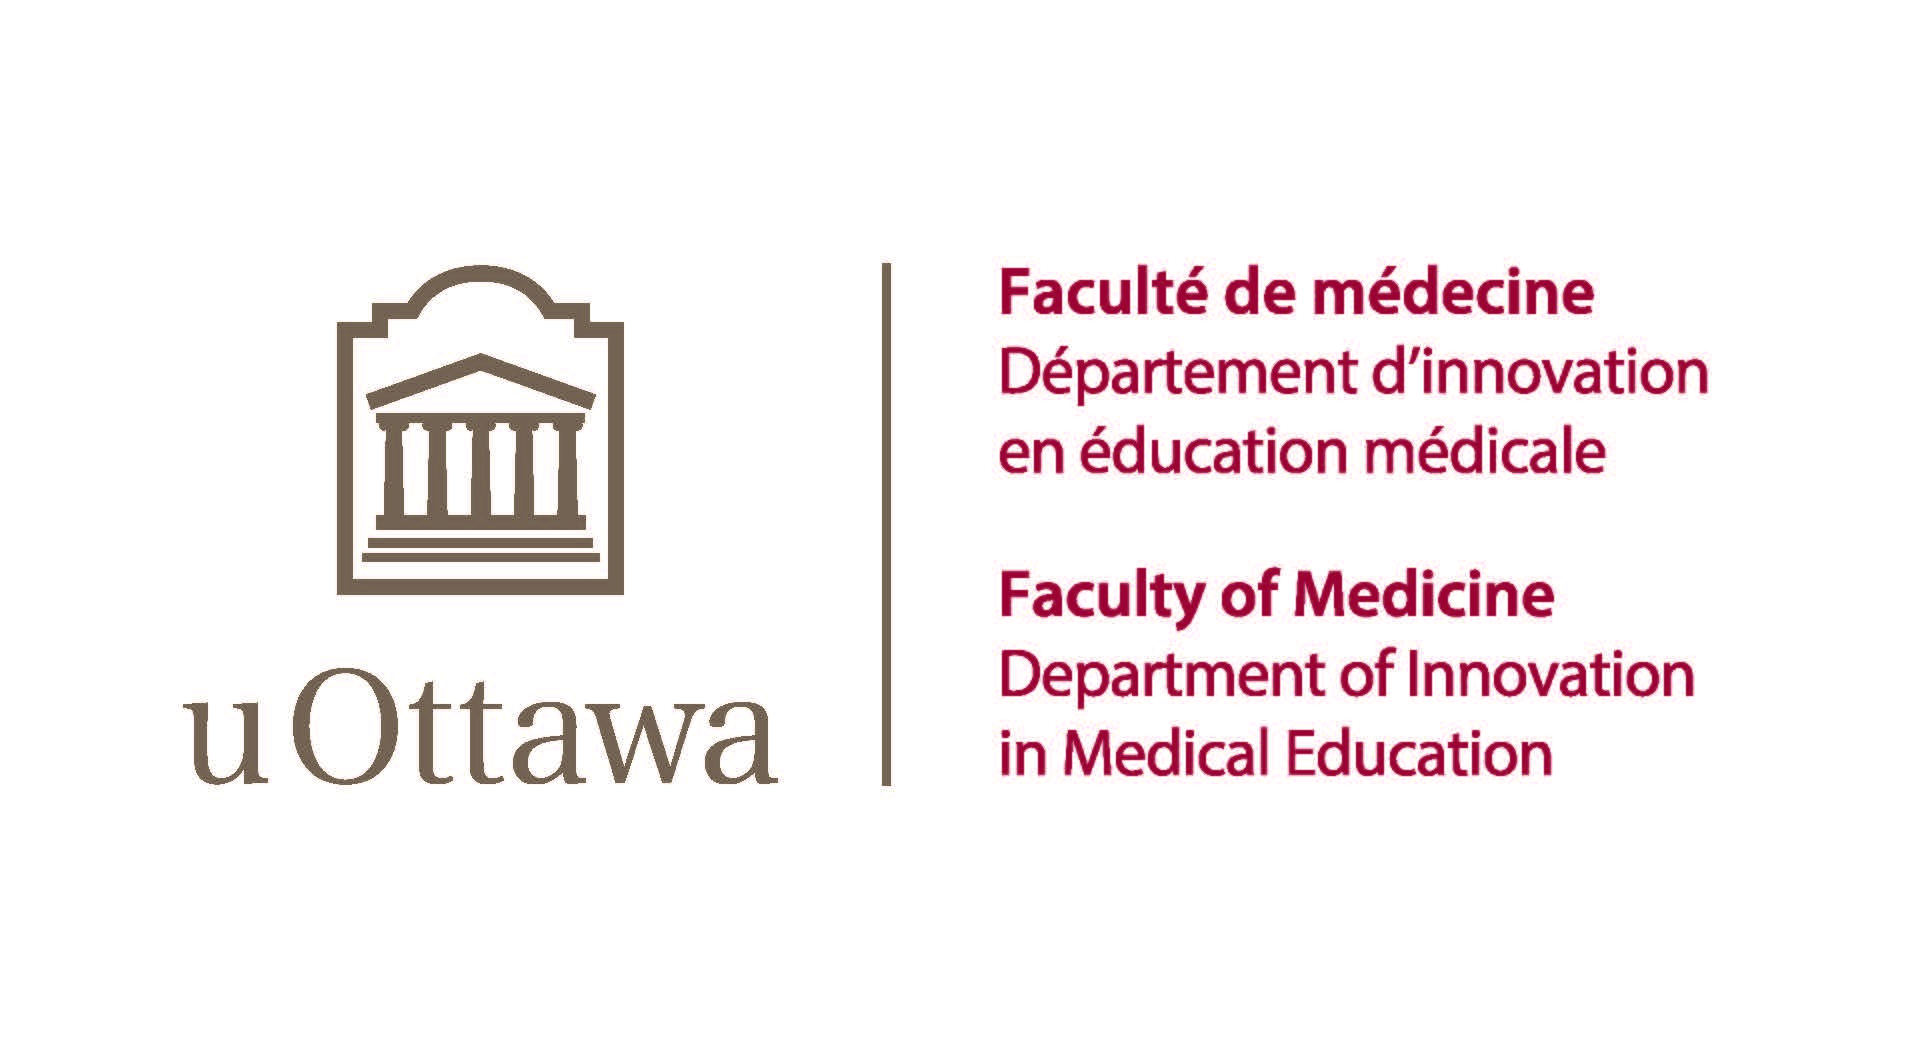 Logo du Département d'innovation en éducation médicale